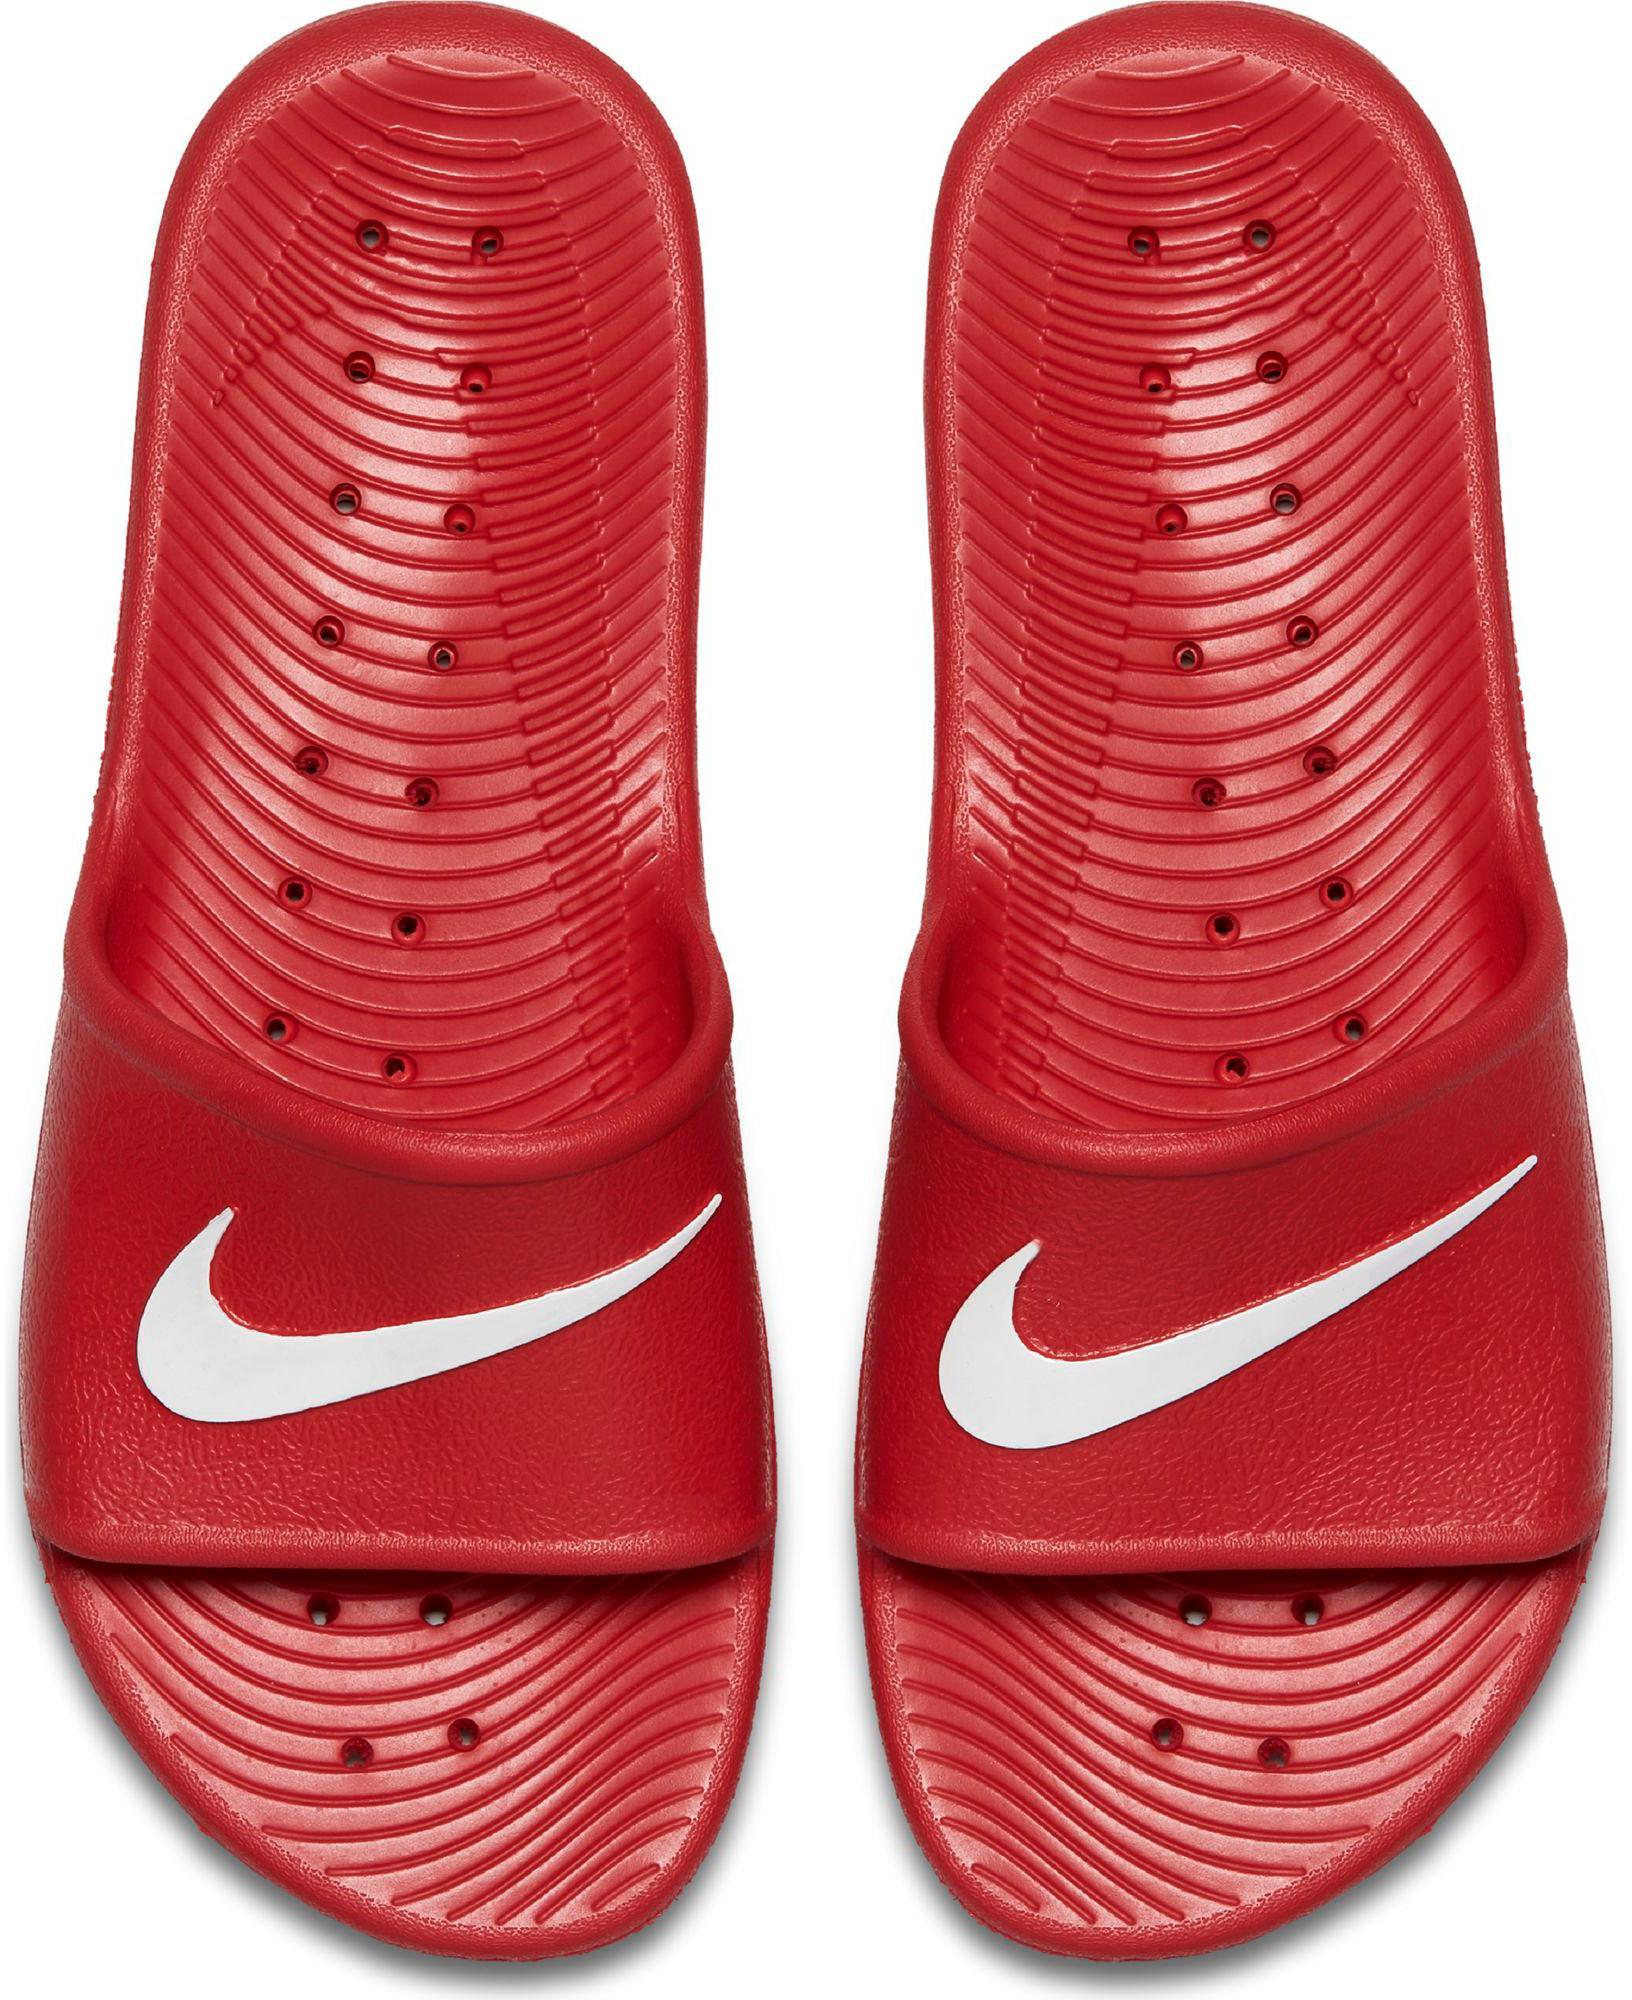 Nike KAWA SHOWER Badelatschen UNIVERSITY rot Weiß im Online Shop von SportScheck kaufen Gute Qualität beliebte Schuhe